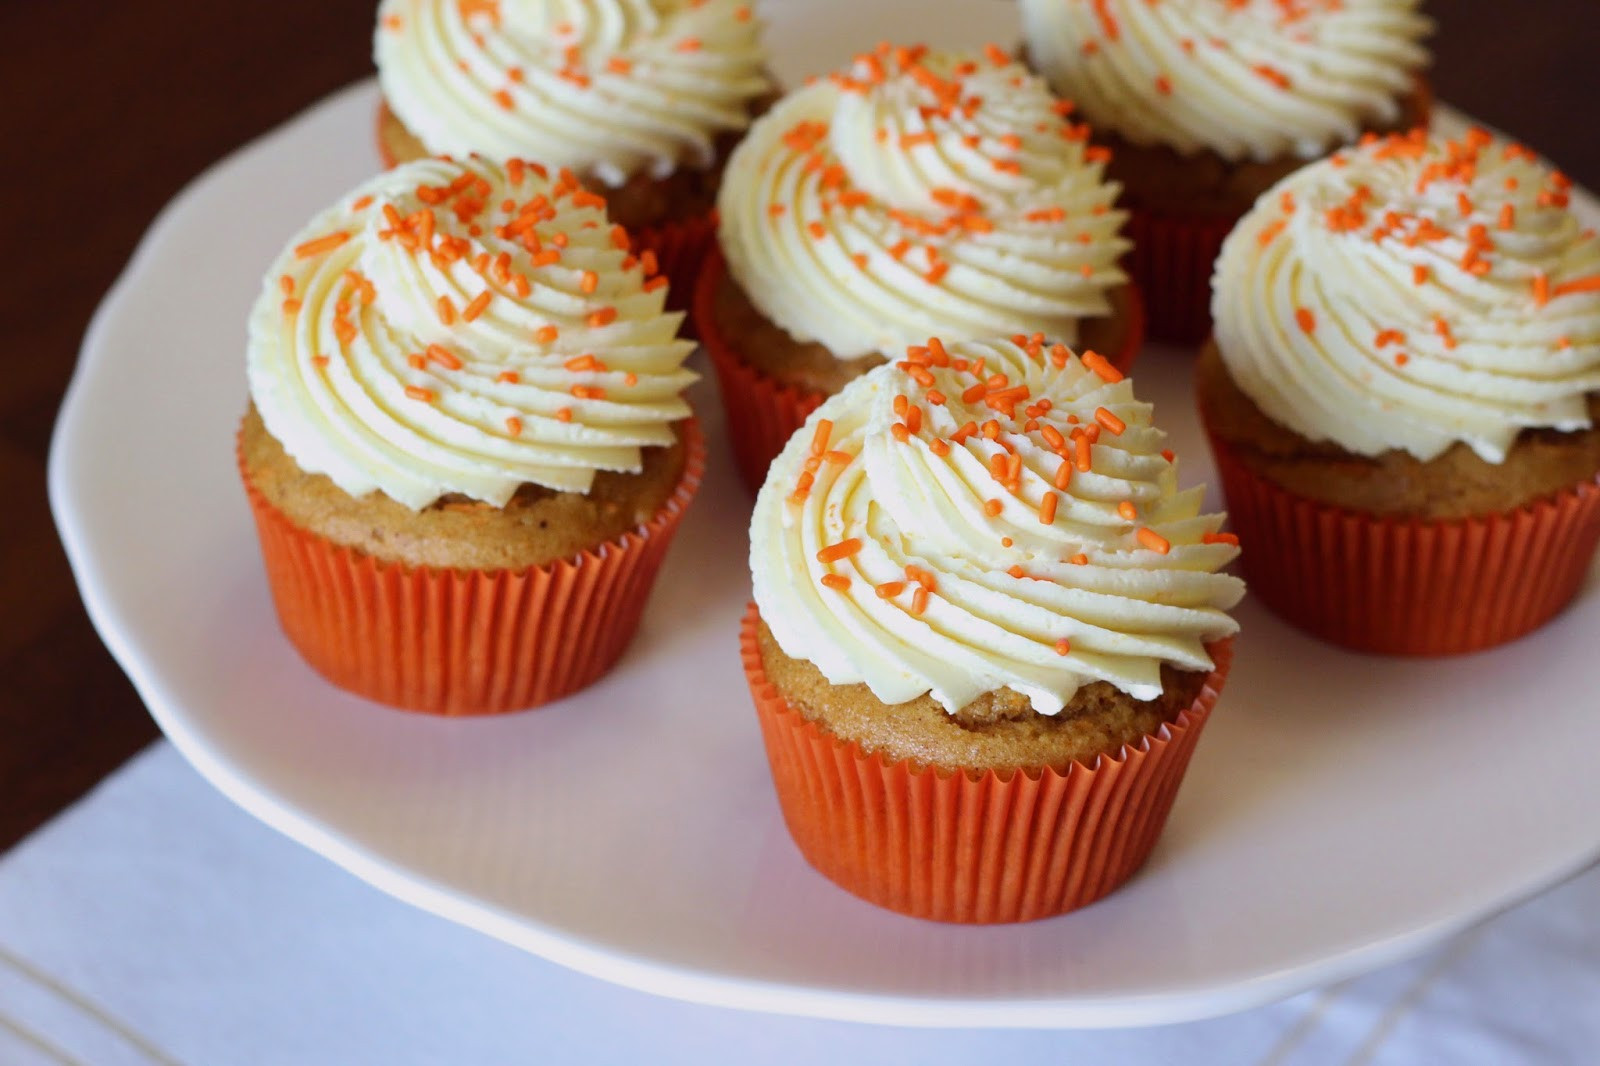 Vegan Carrot Cupcakes  Sarah Bakes Gluten Free Treats gluten free vegan carrot